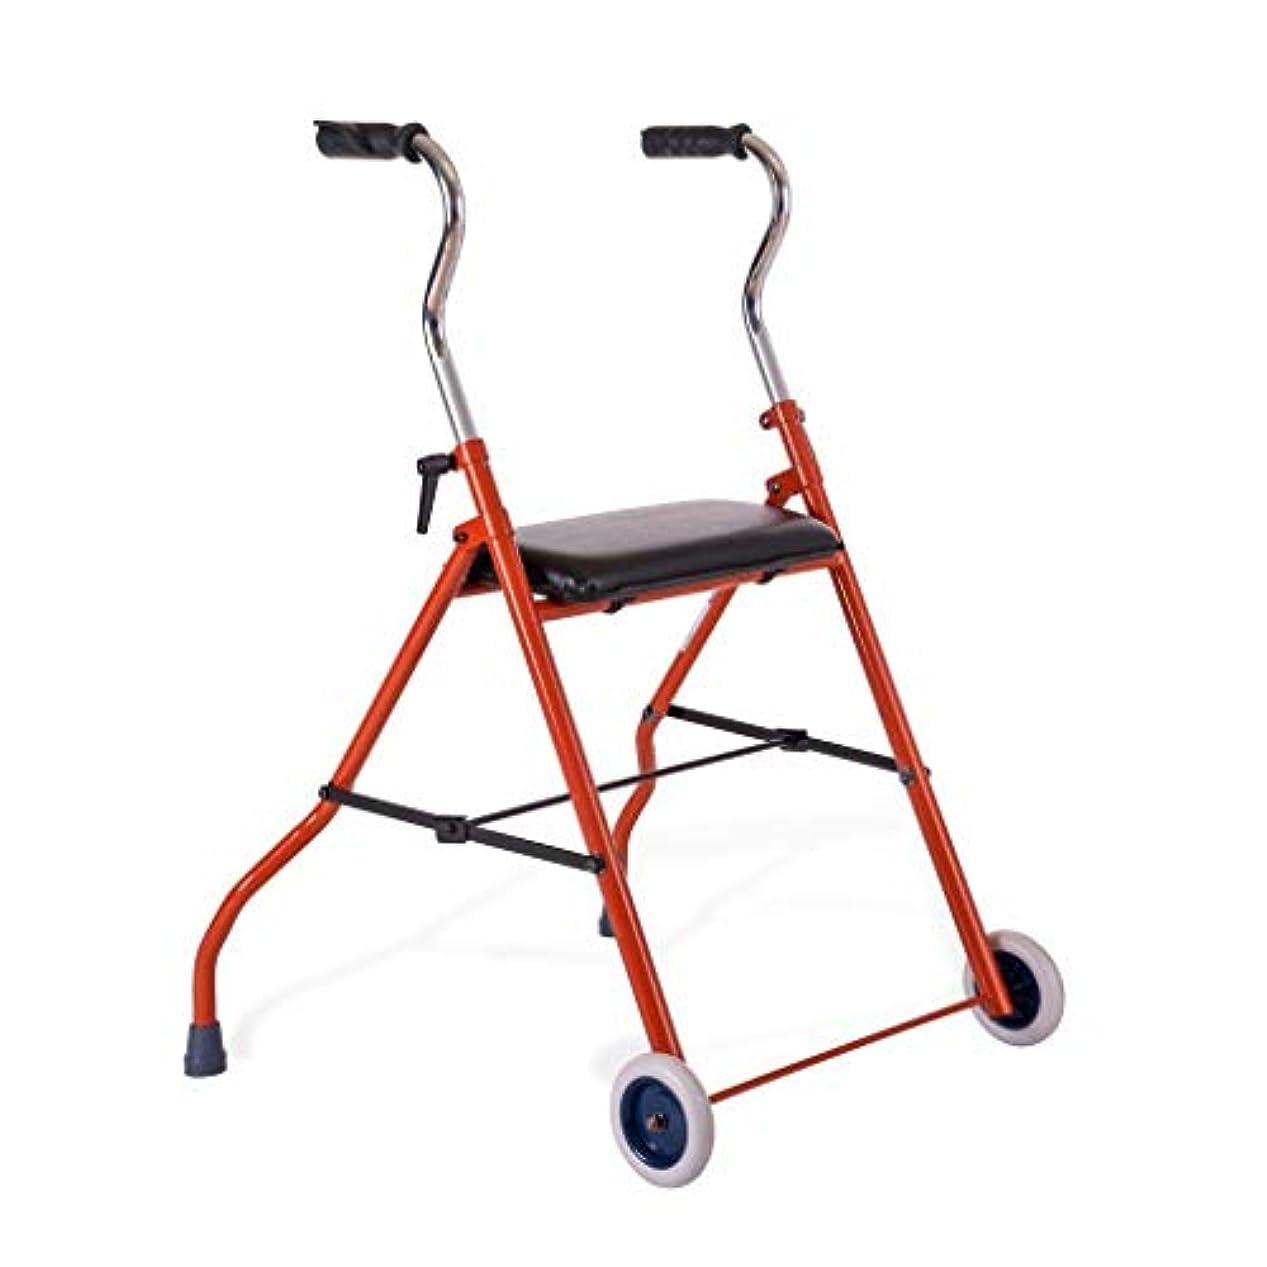 公園シンボル急性高齢者用ウォーキングフレーム - シートリハビリテーショントレーニング付きの調整可能な高さ、安定したシートベルト、杖折りたたみ式ブースター - 障害